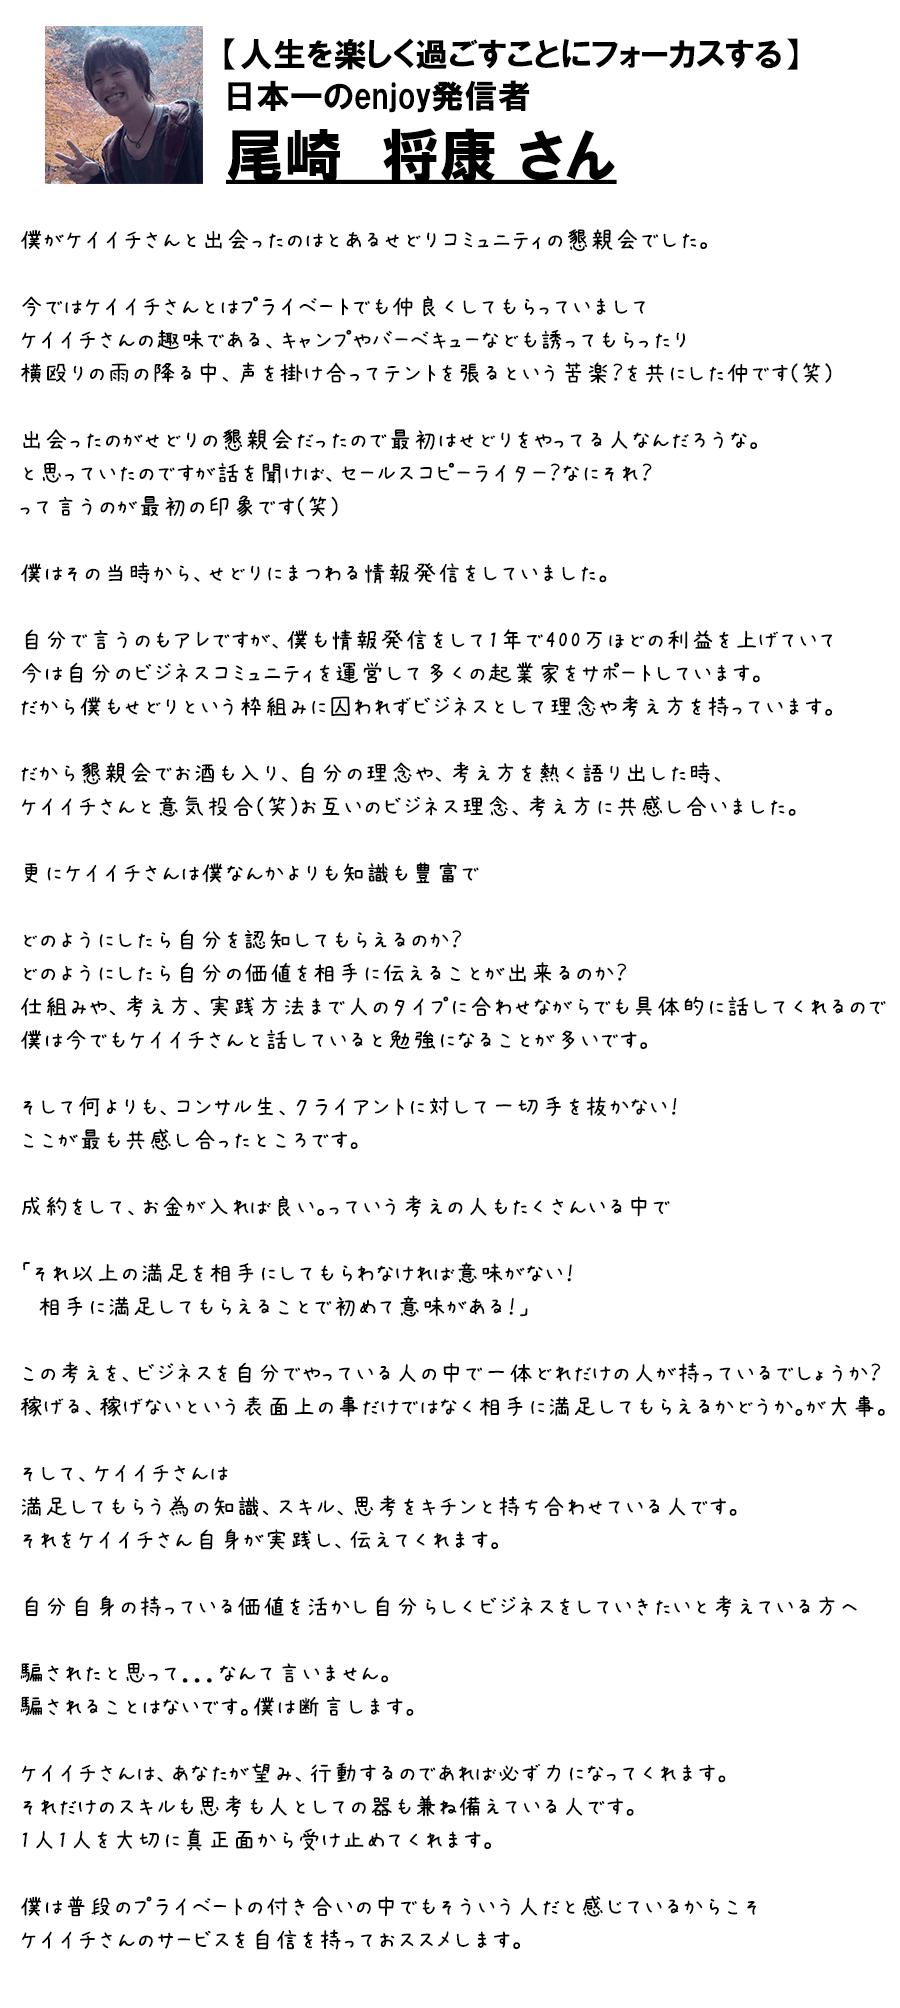 尾崎さん推薦文